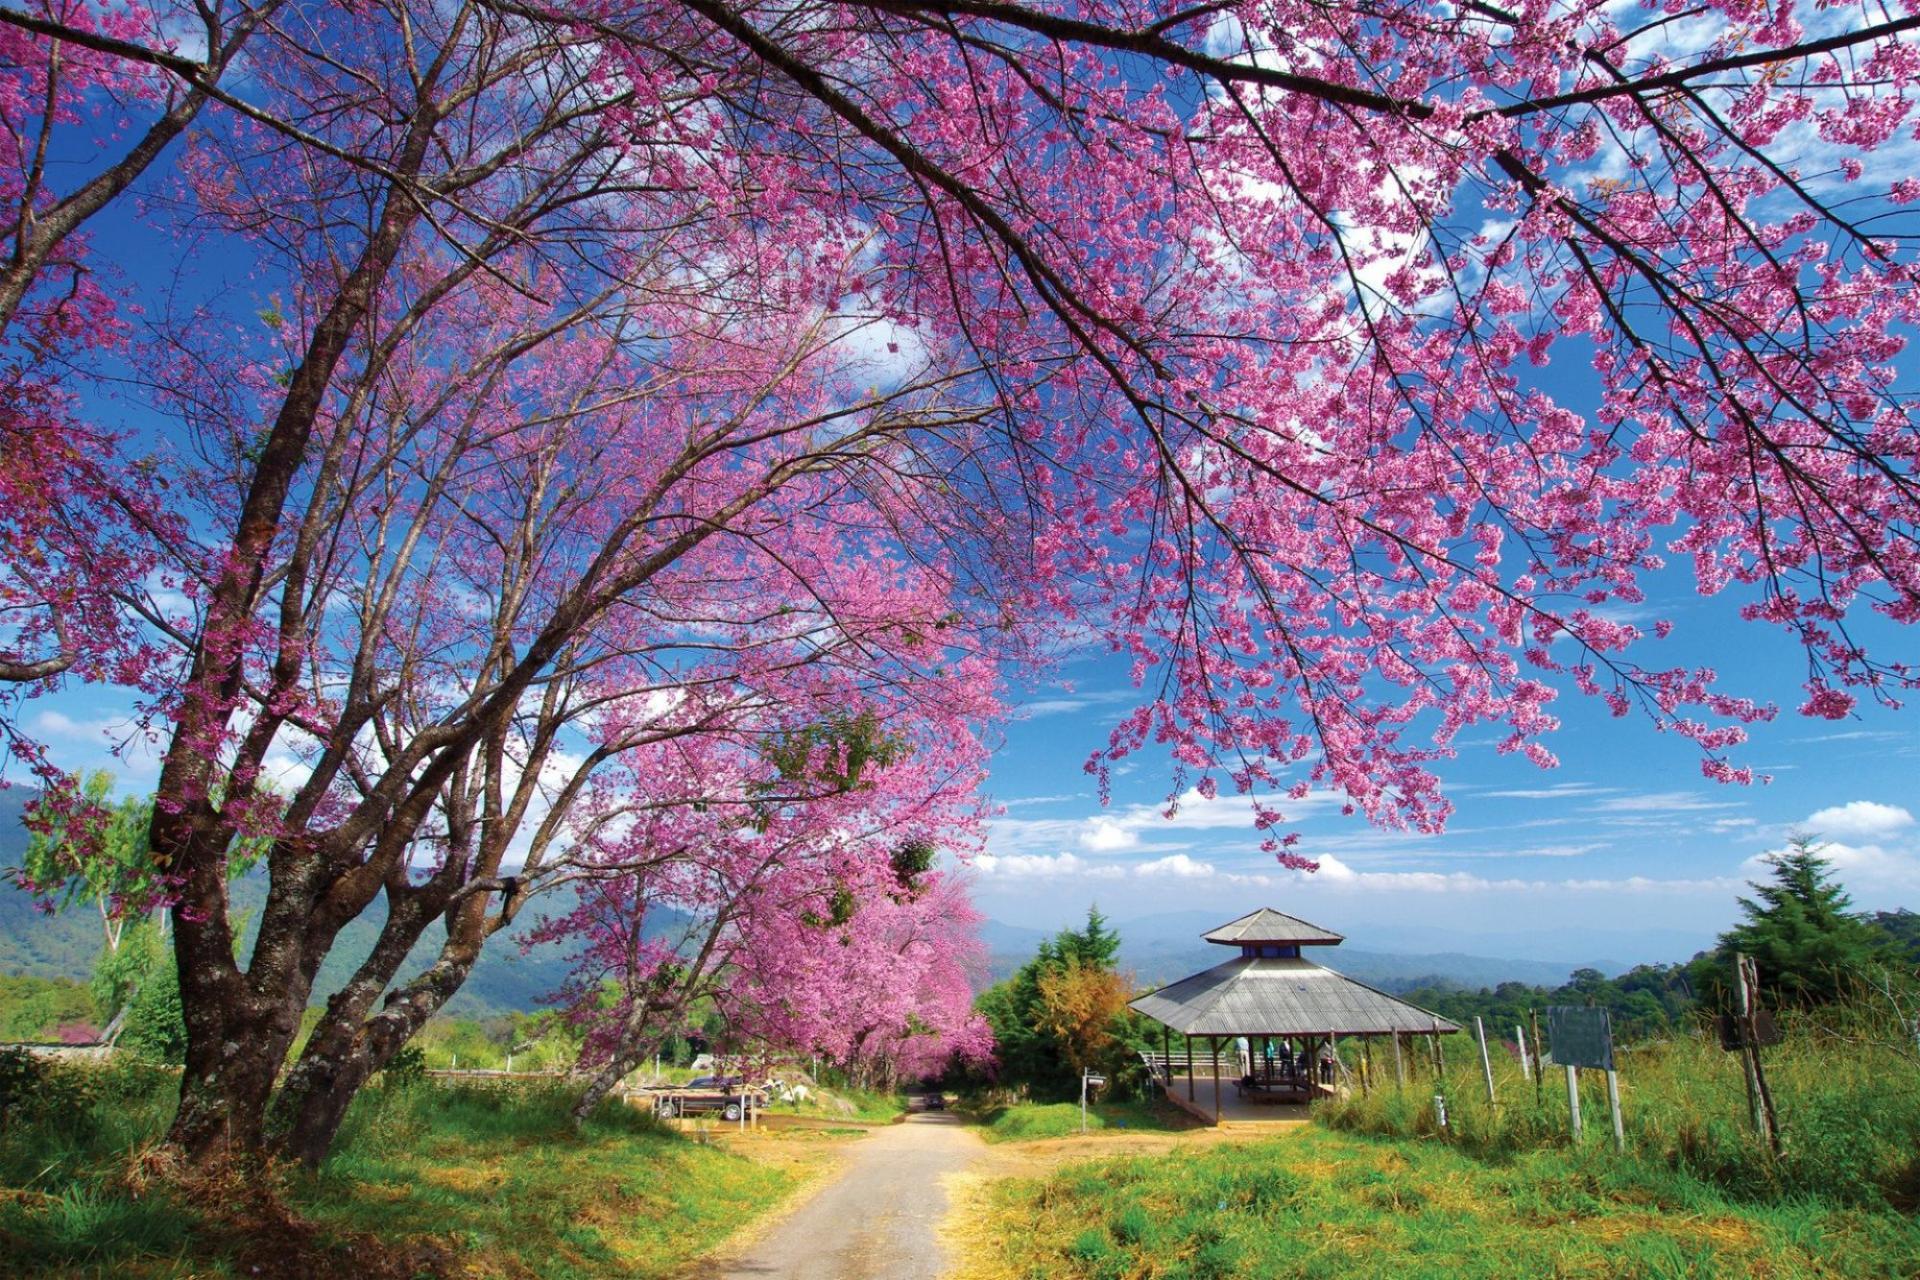 3847-flower-in-thailand